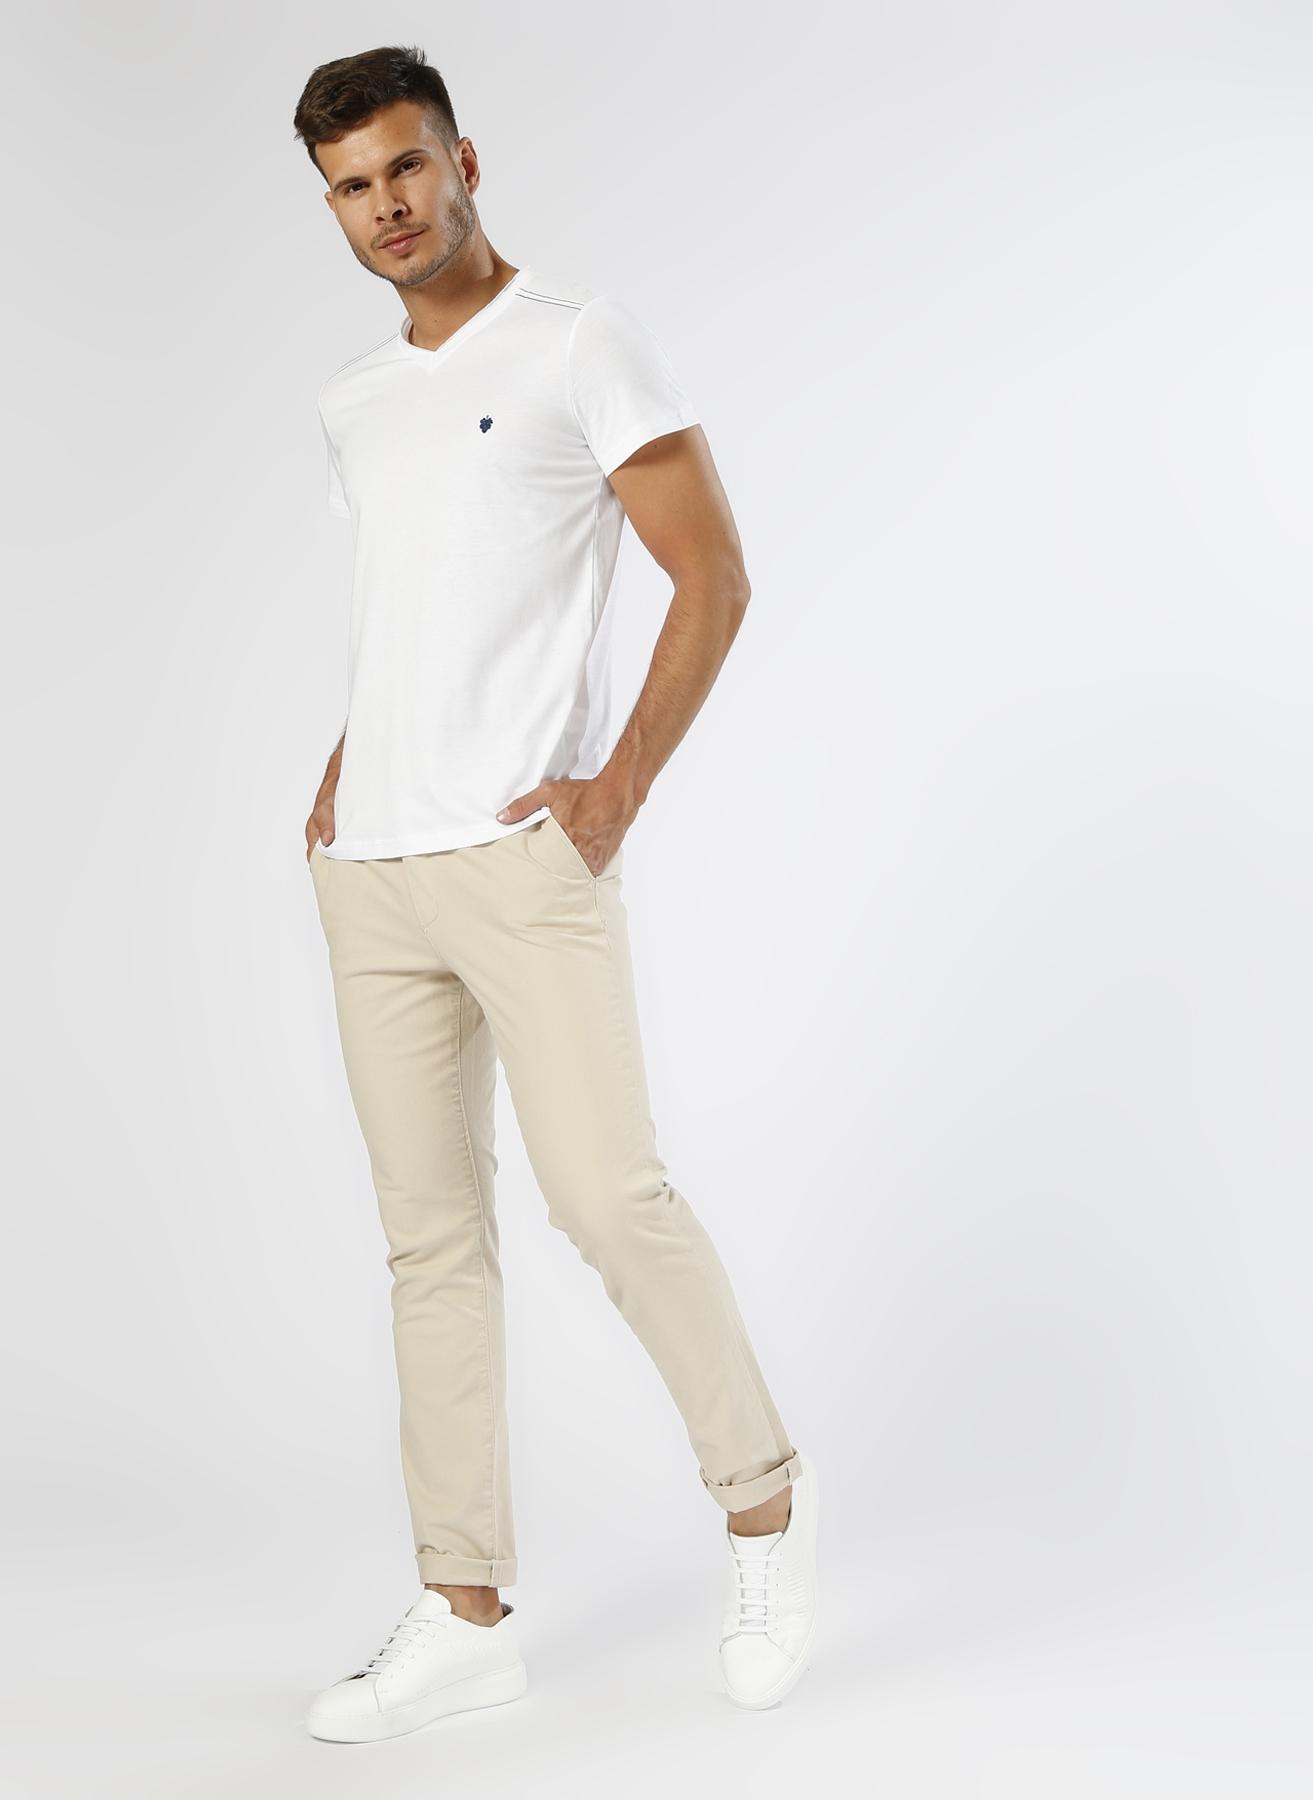 Loft Casual Bej Klasik Pantolon 31-32 5000201925005 Ürün Resmi